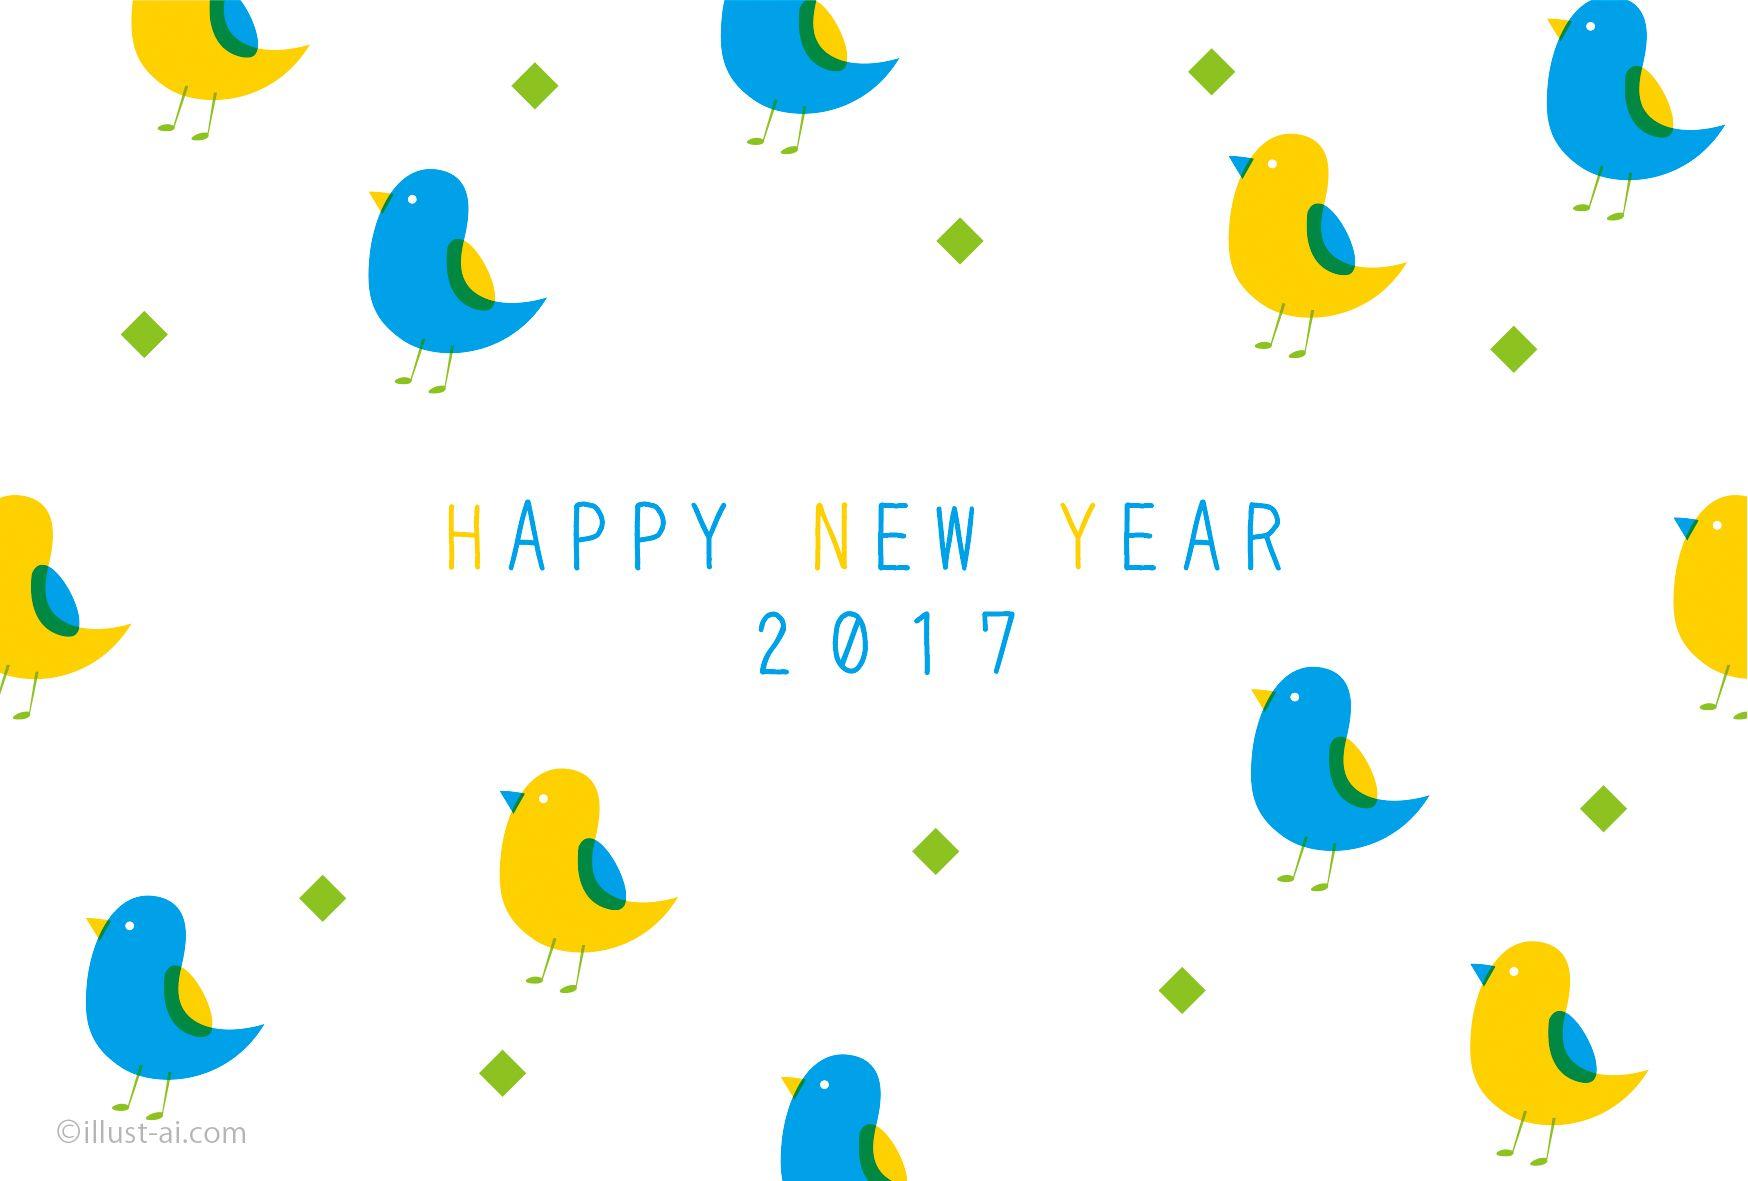 オシャレな配色でデザインされたの小鳥のイラスト 年賀状 2017 シンプル